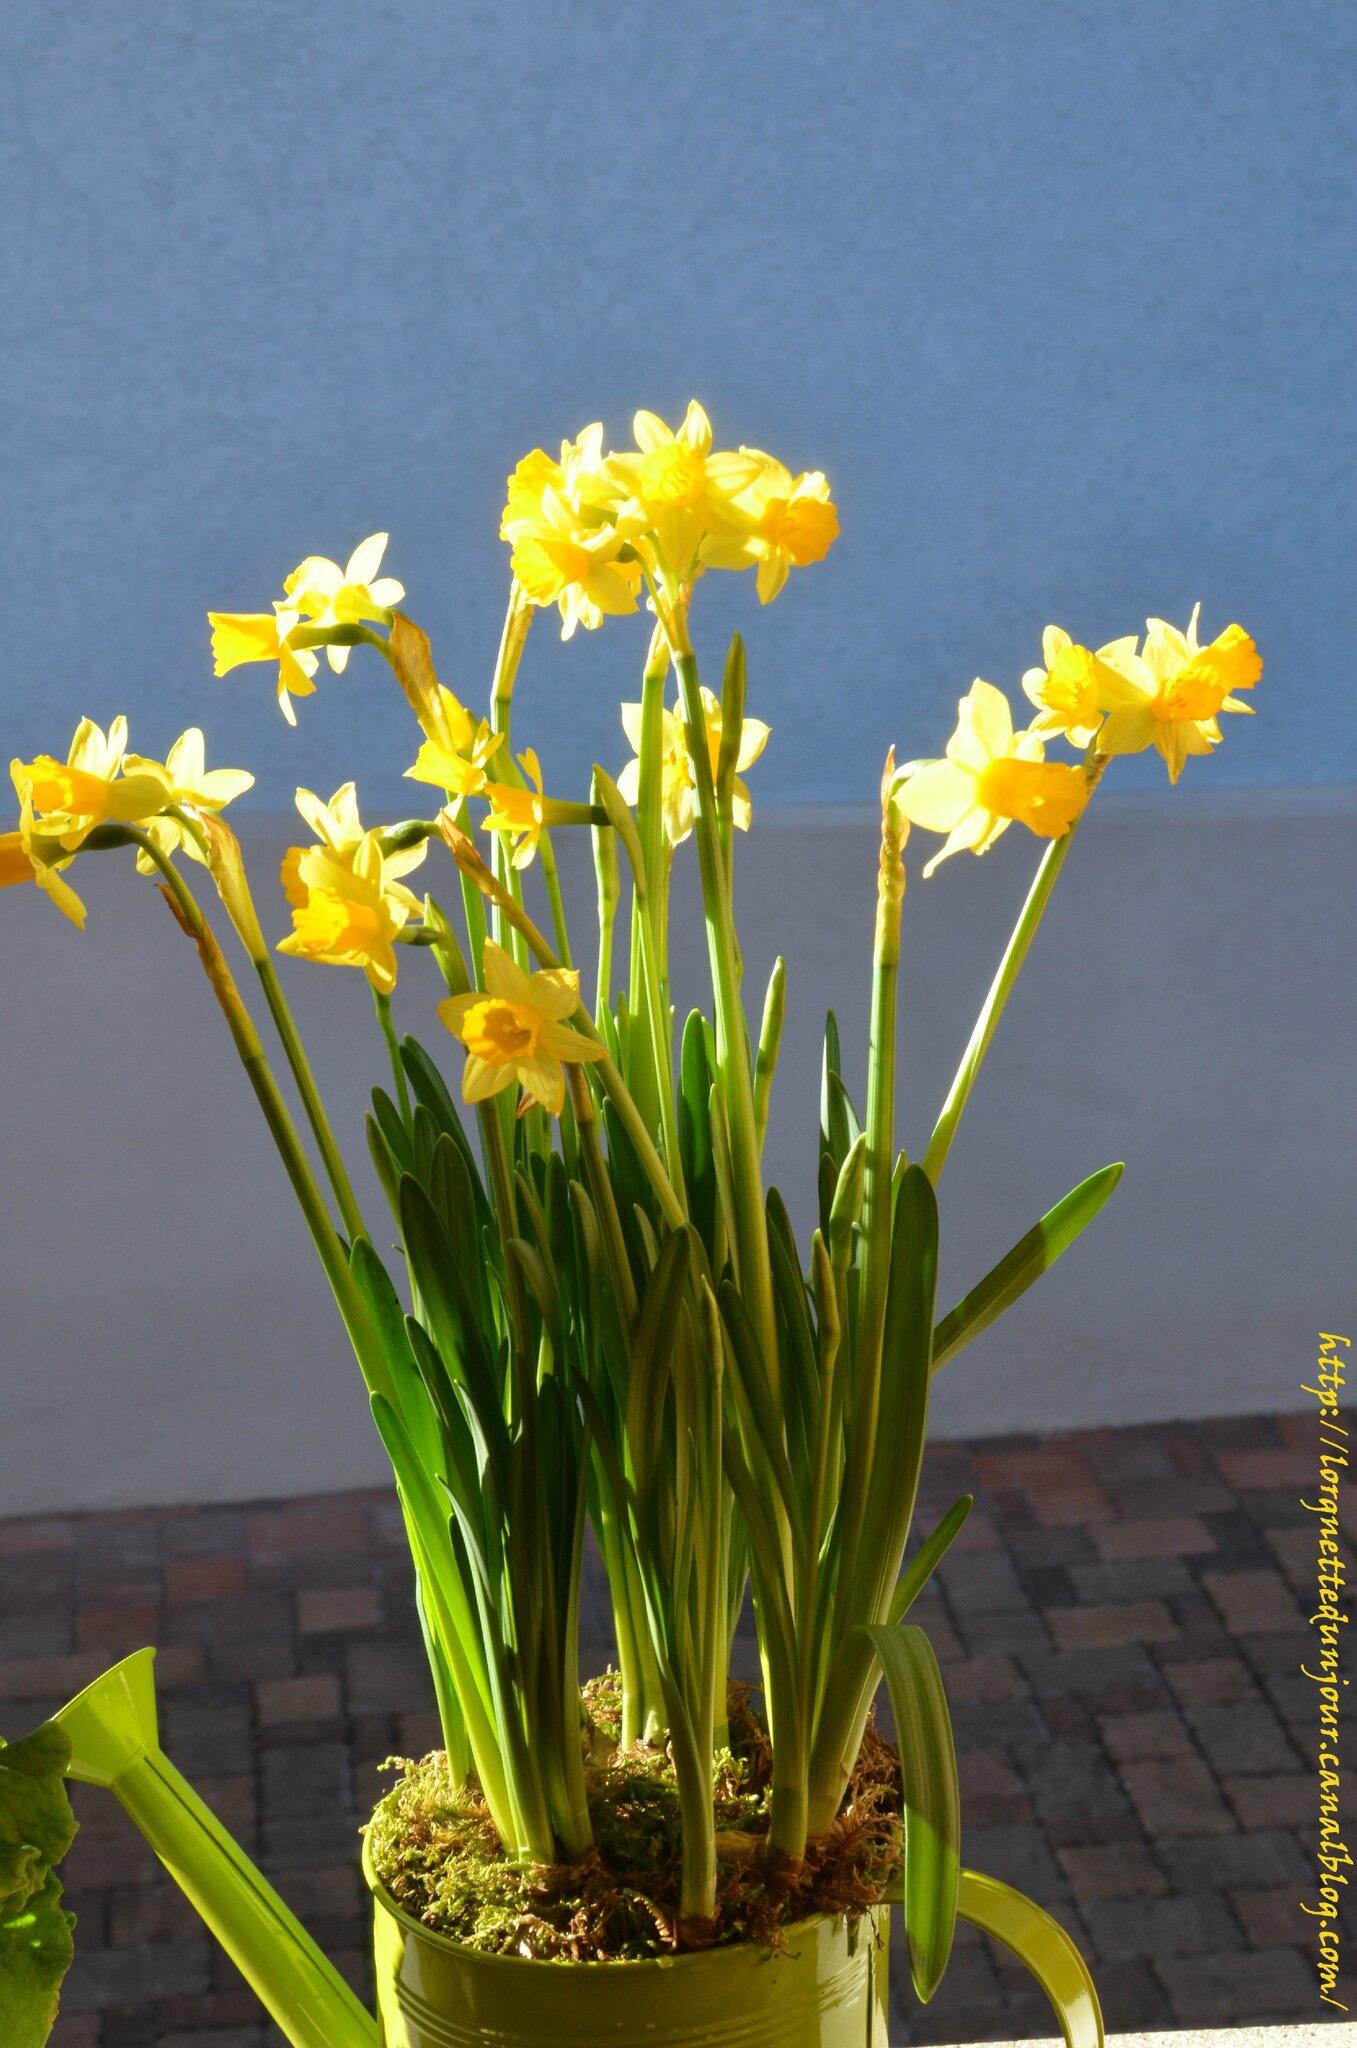 21/02/14 : Encore quelques fleurs pour patienter jusqu'au printemps